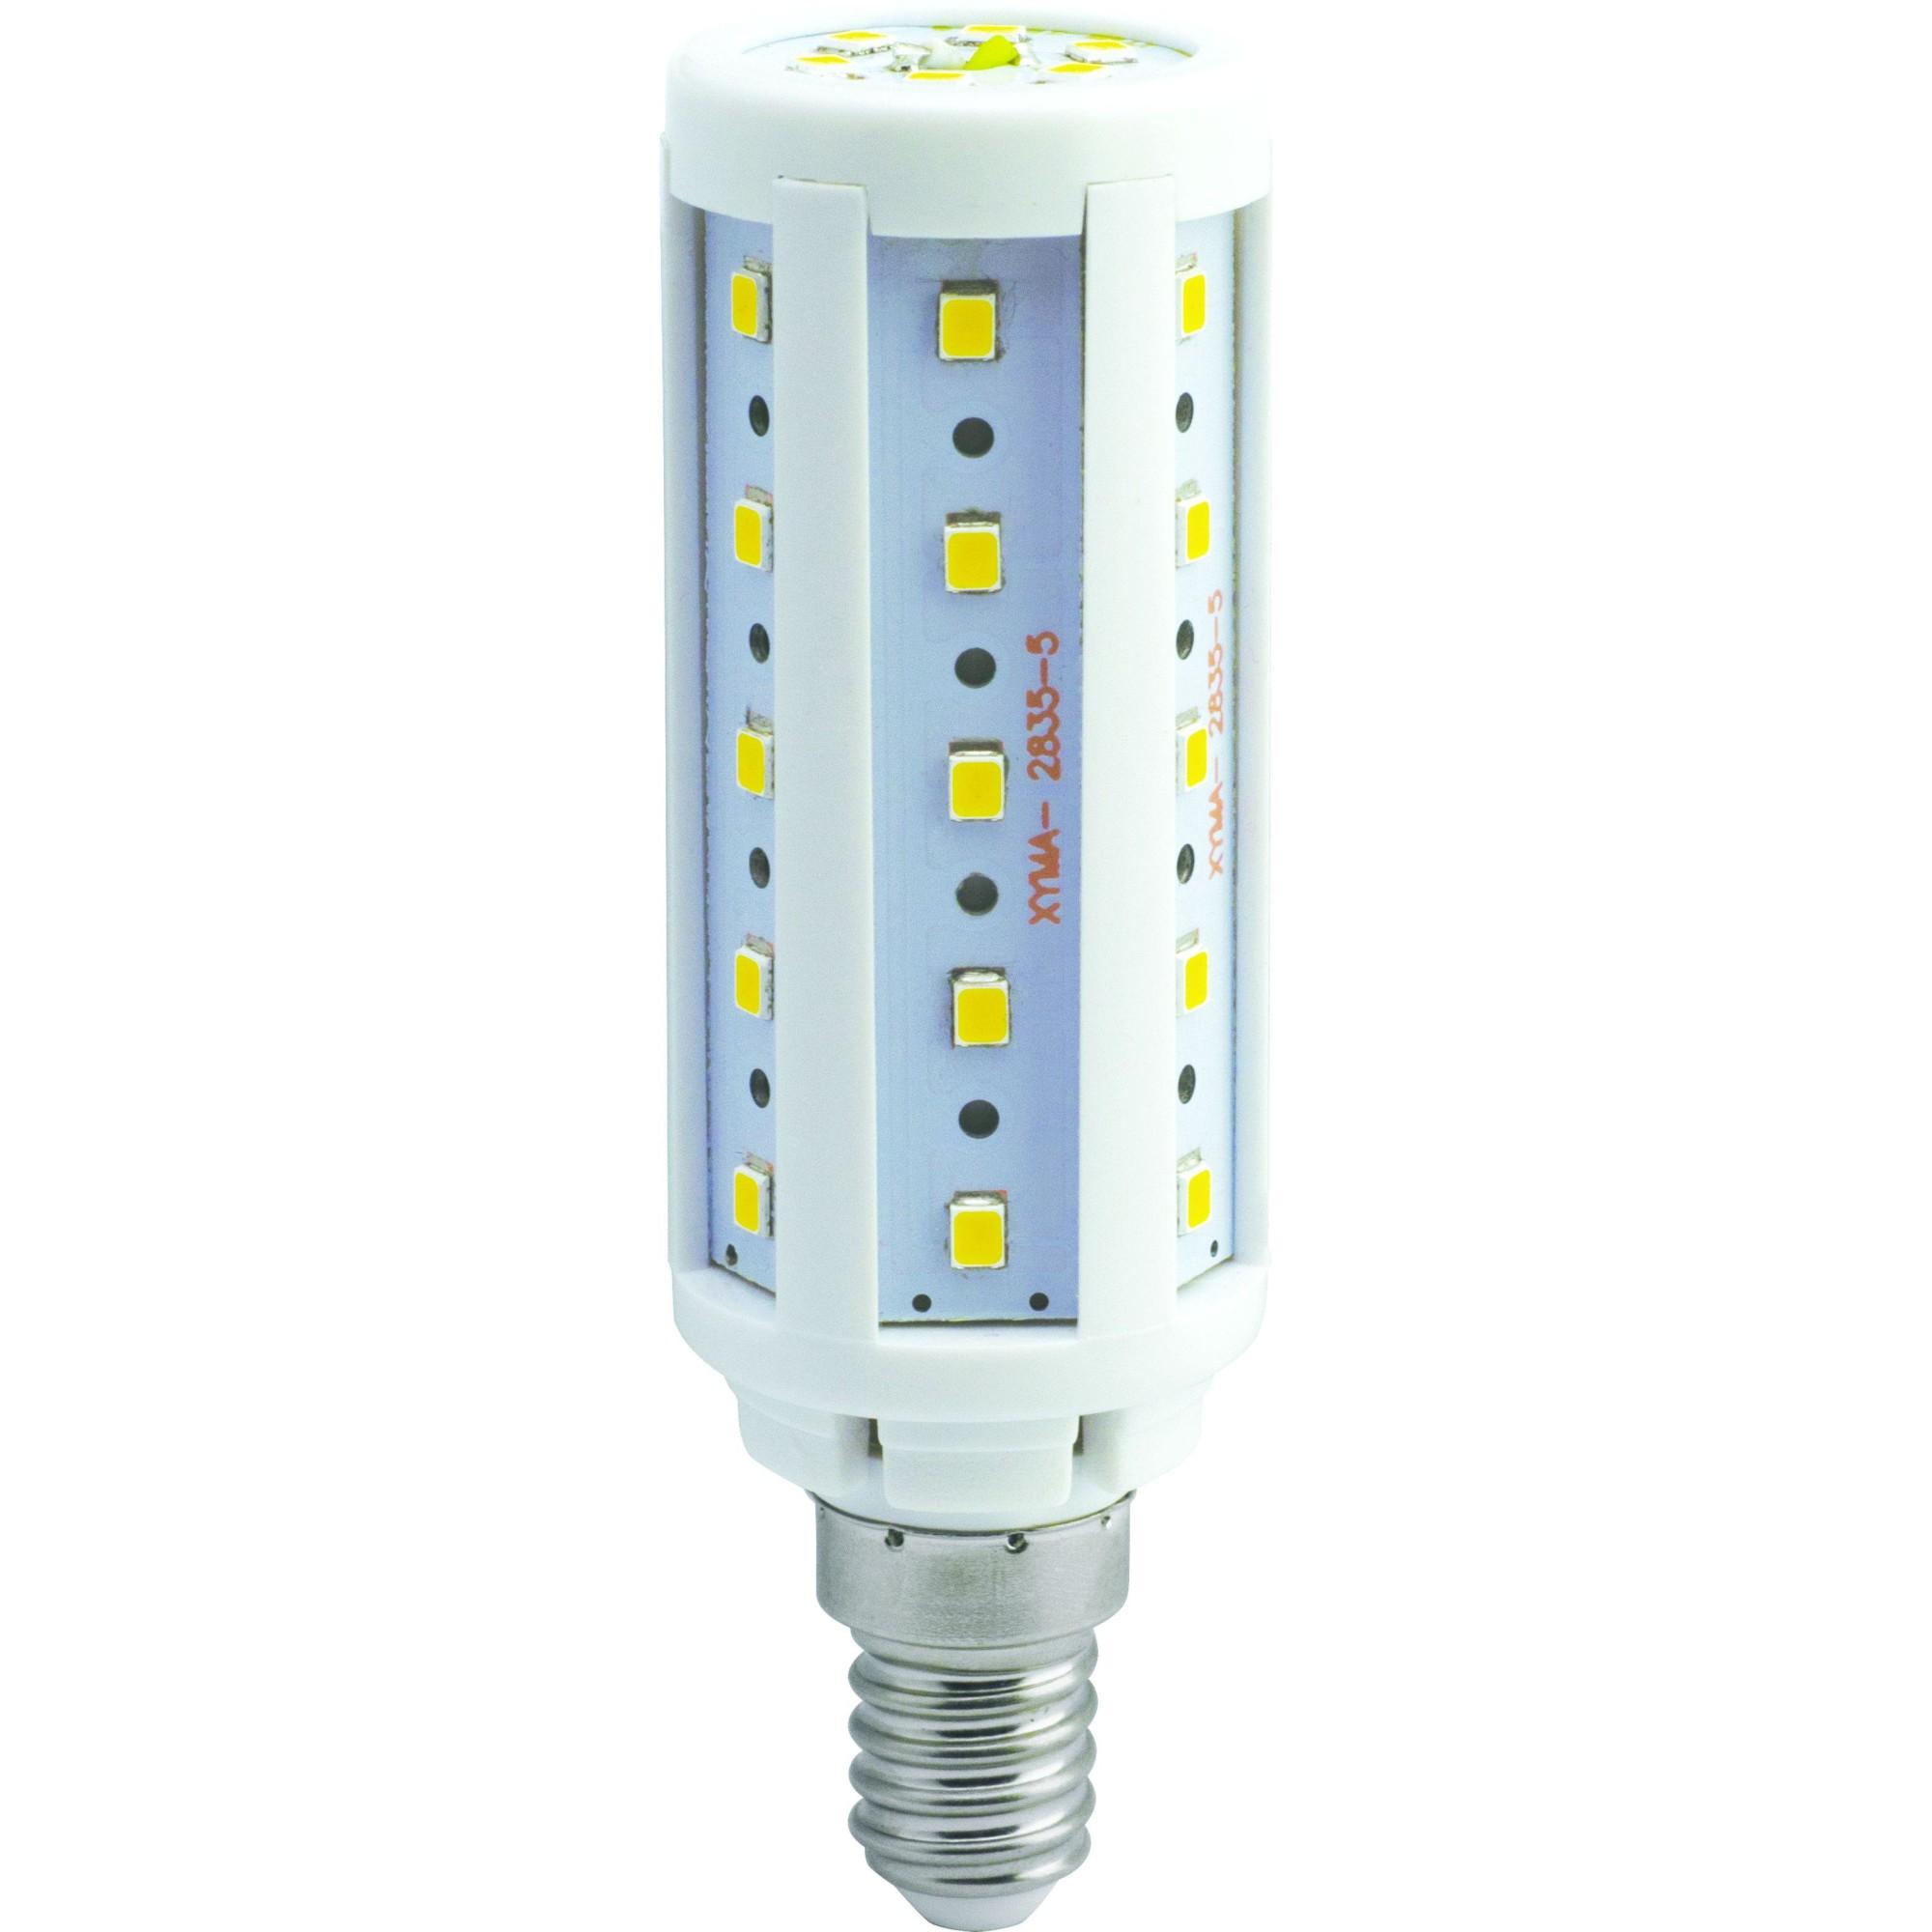 Лампа Ecola Premium светодионая E14 9.50 Вт кукуруза 855 Лм нейтральный свет